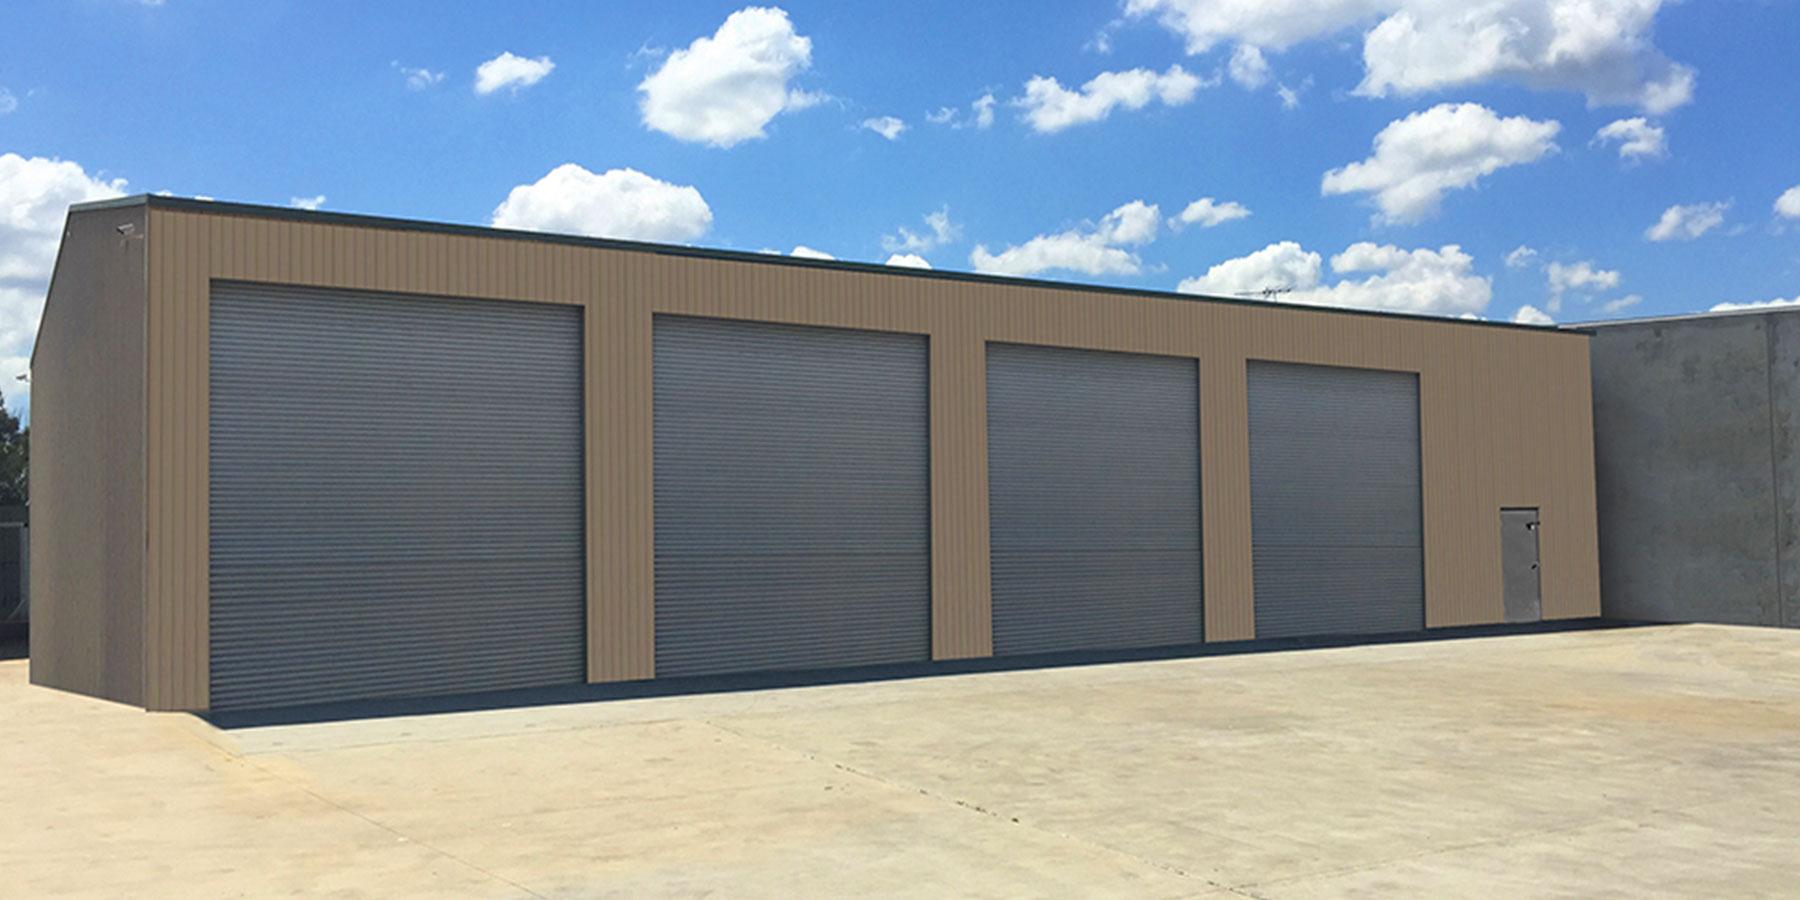 Depot_Industrial_Sheds